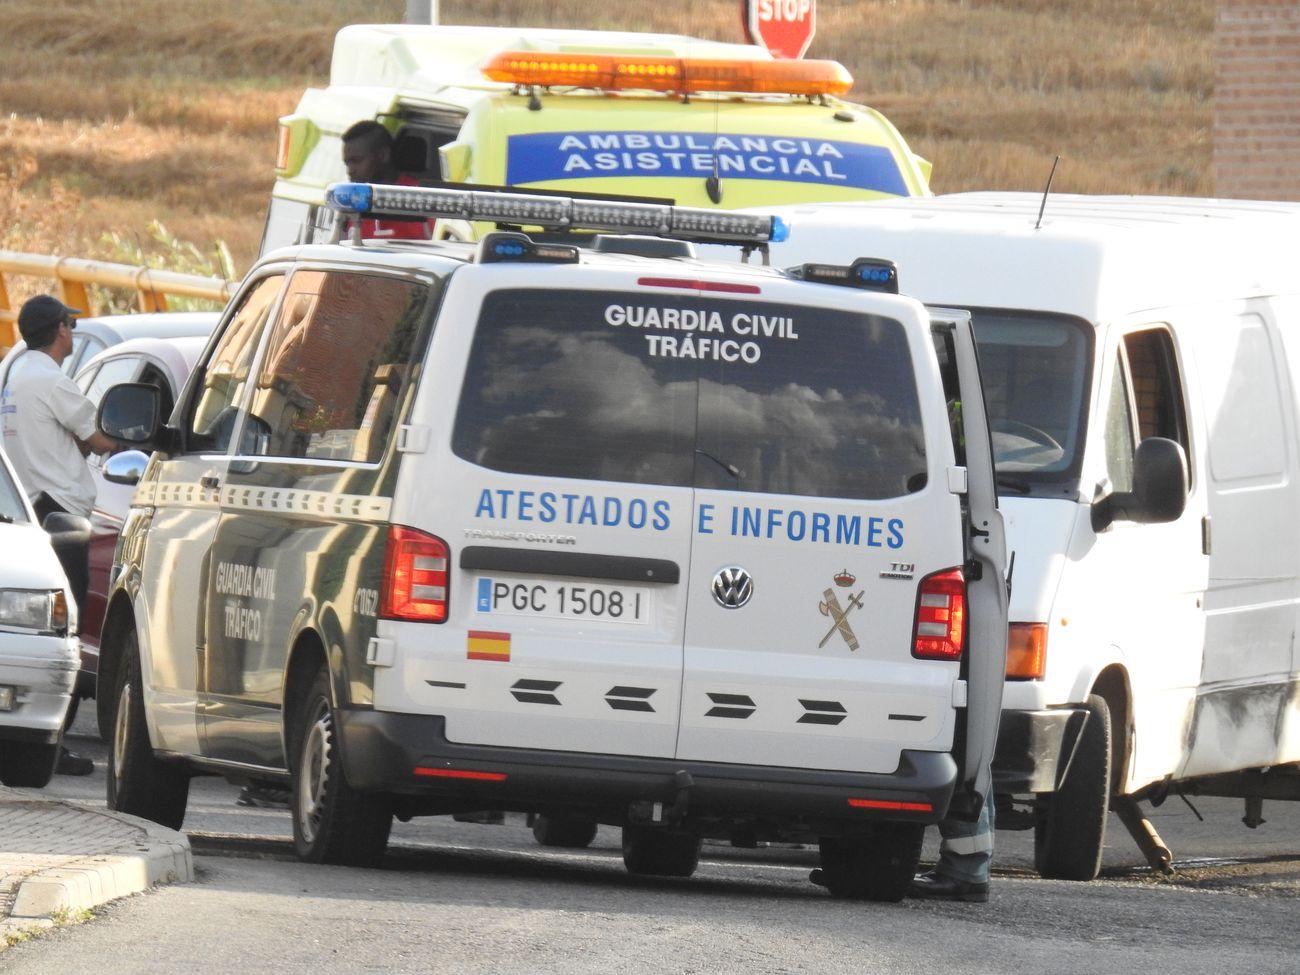 Dos accidentes en menos de 24 horas en Villasinta